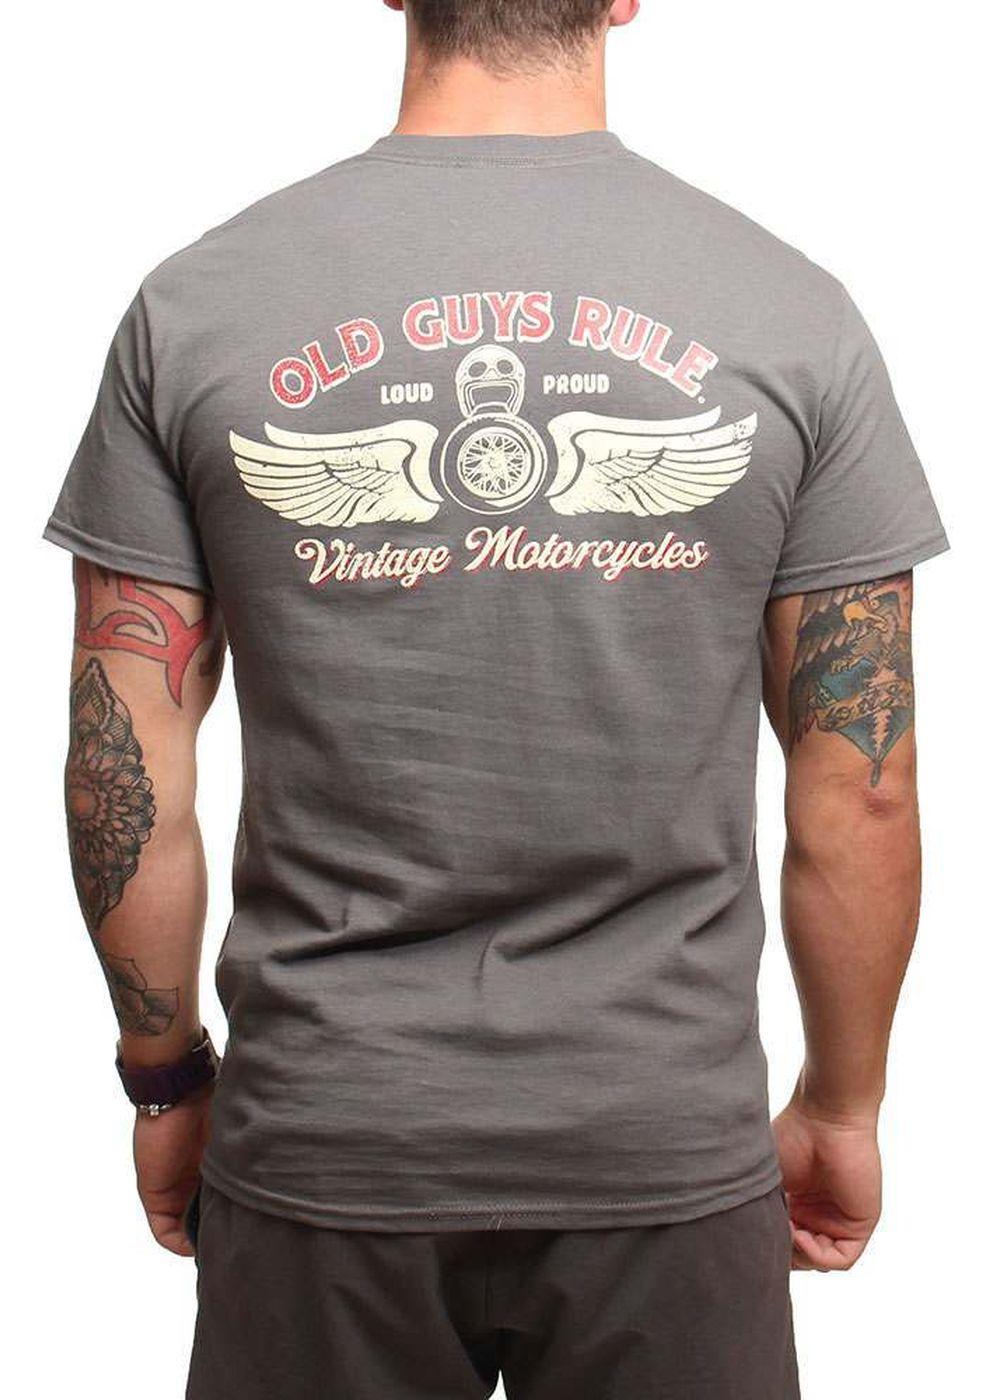 old-guys-rule-vintage-motorcycles-tee-charcoal